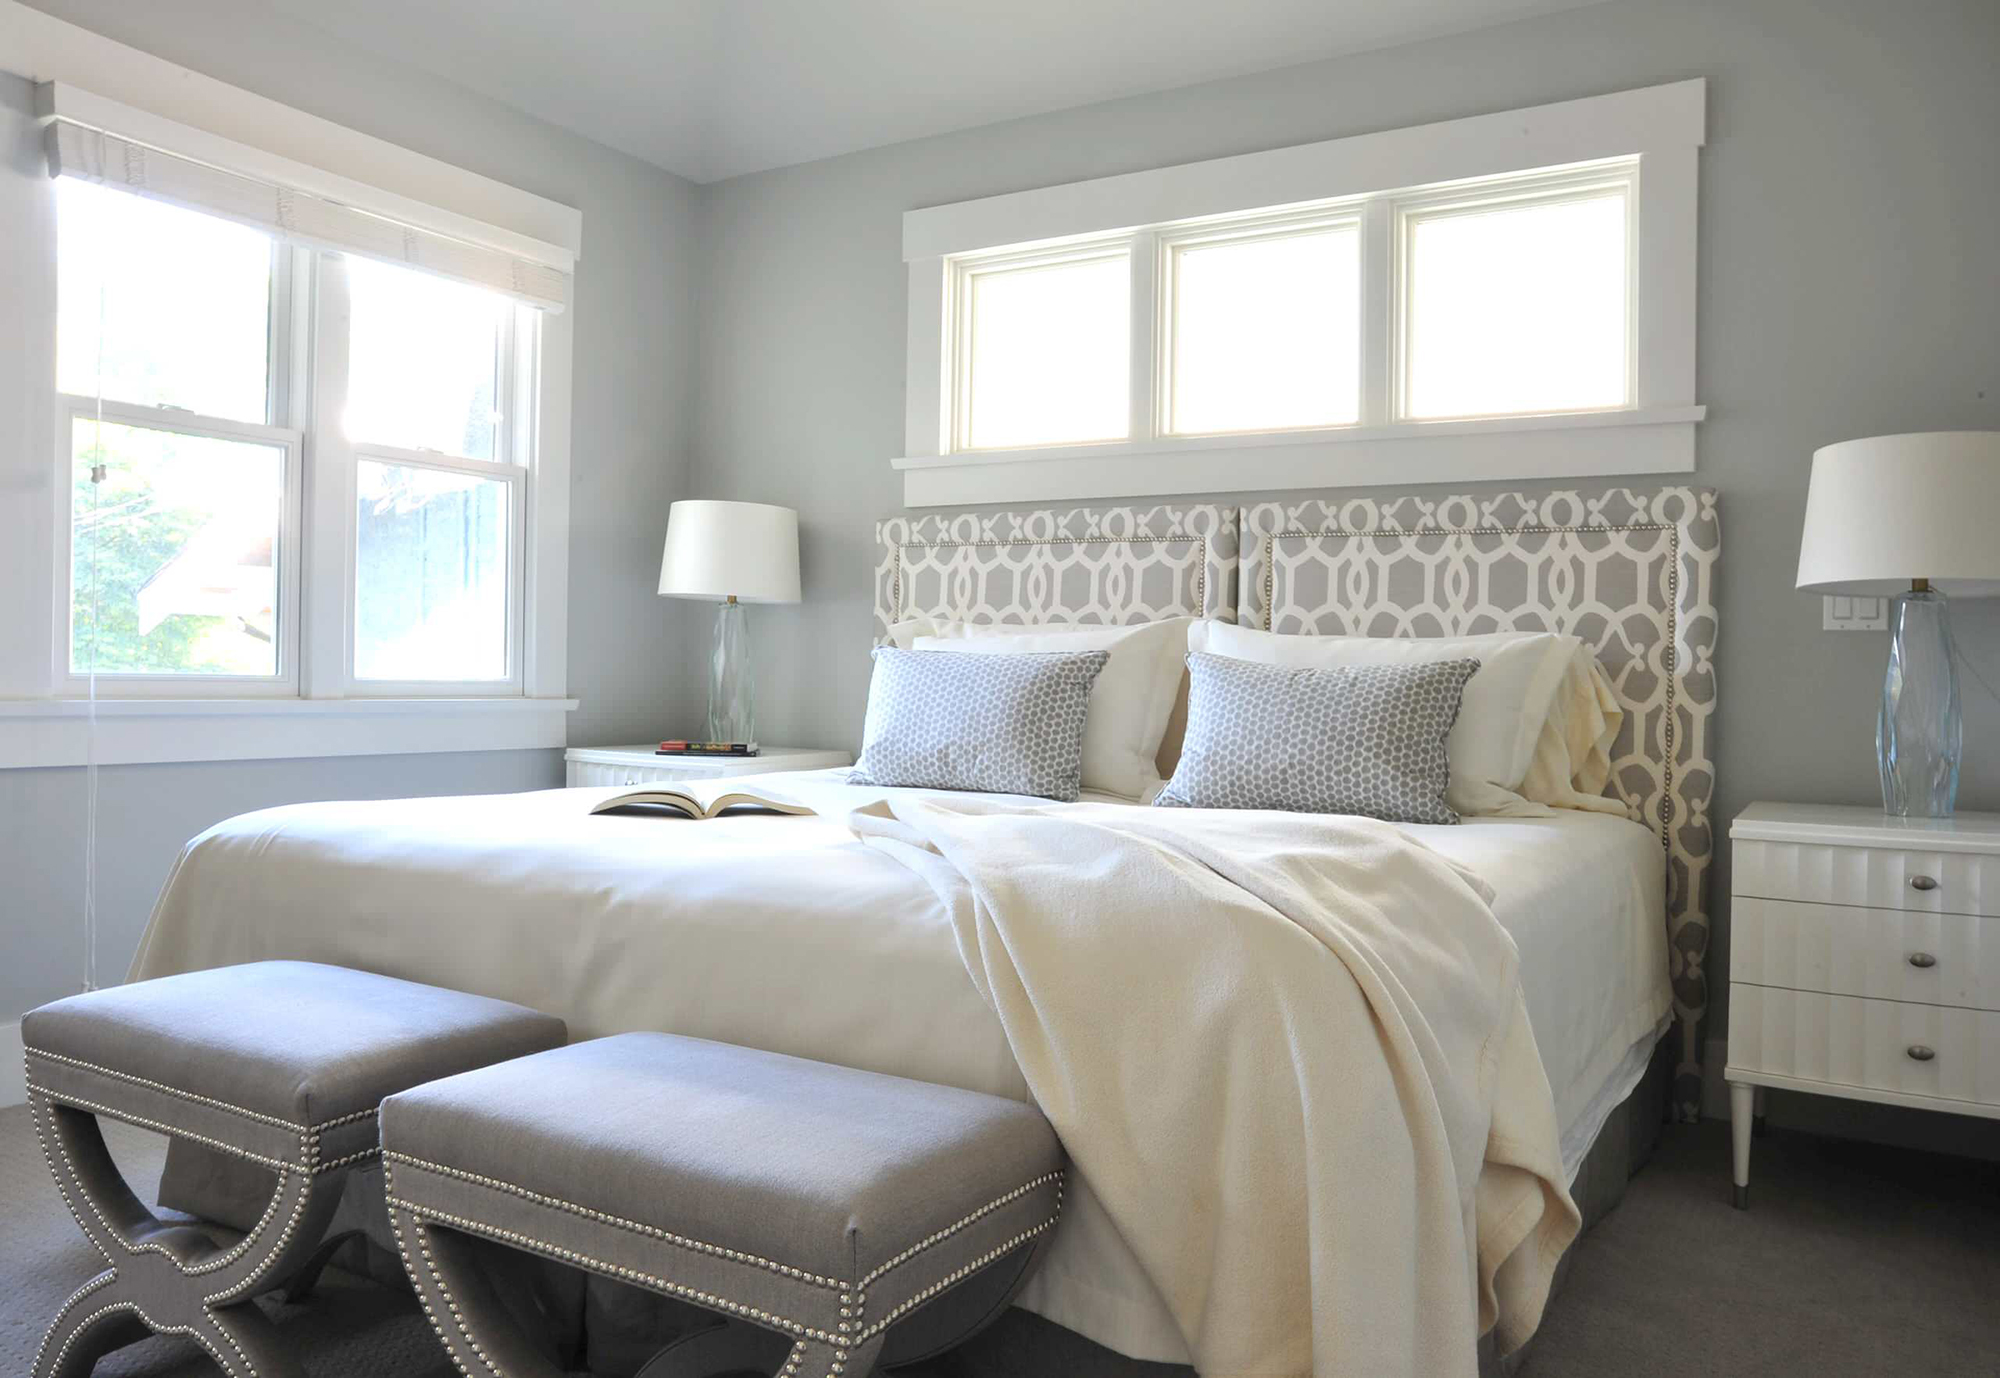 Красивое бело-серое изголовье для кровати с узором